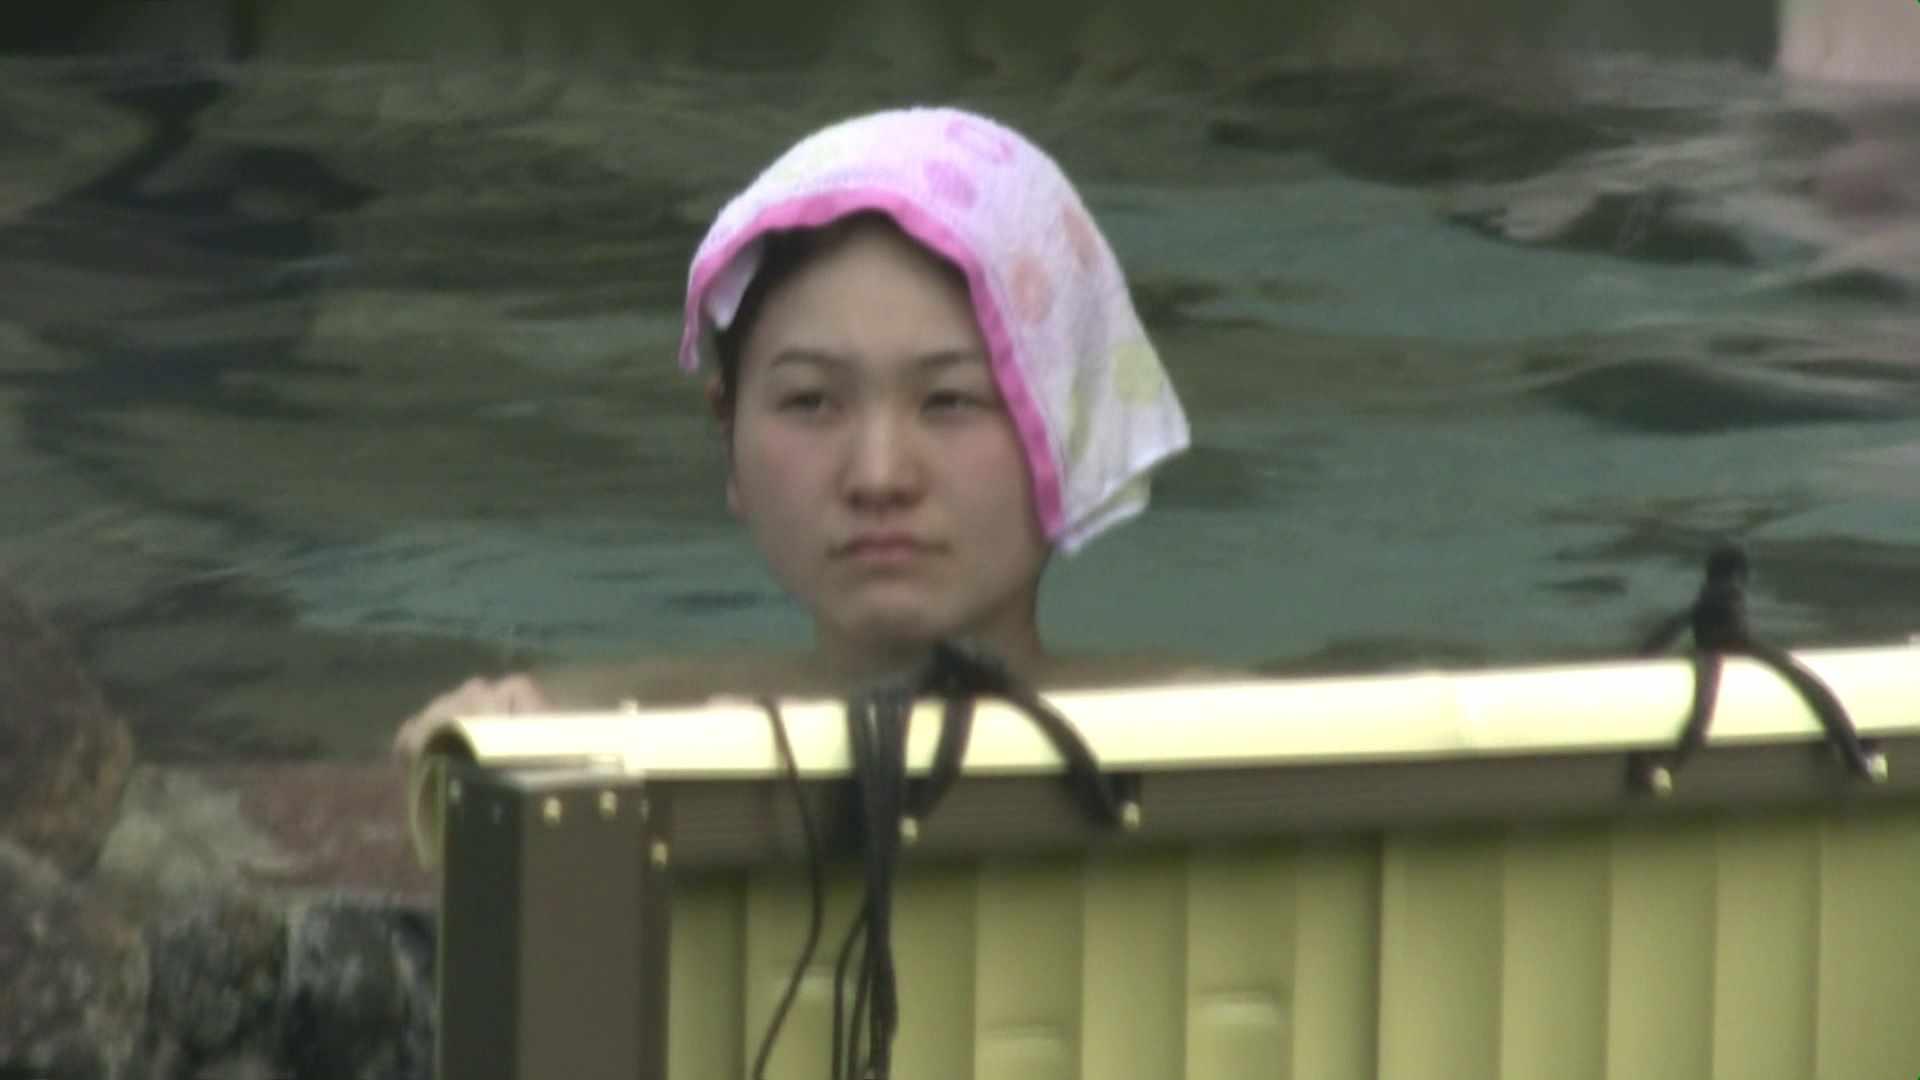 高画質露天女風呂観察 vol.026 高画質 アダルト動画キャプチャ 84連発 74